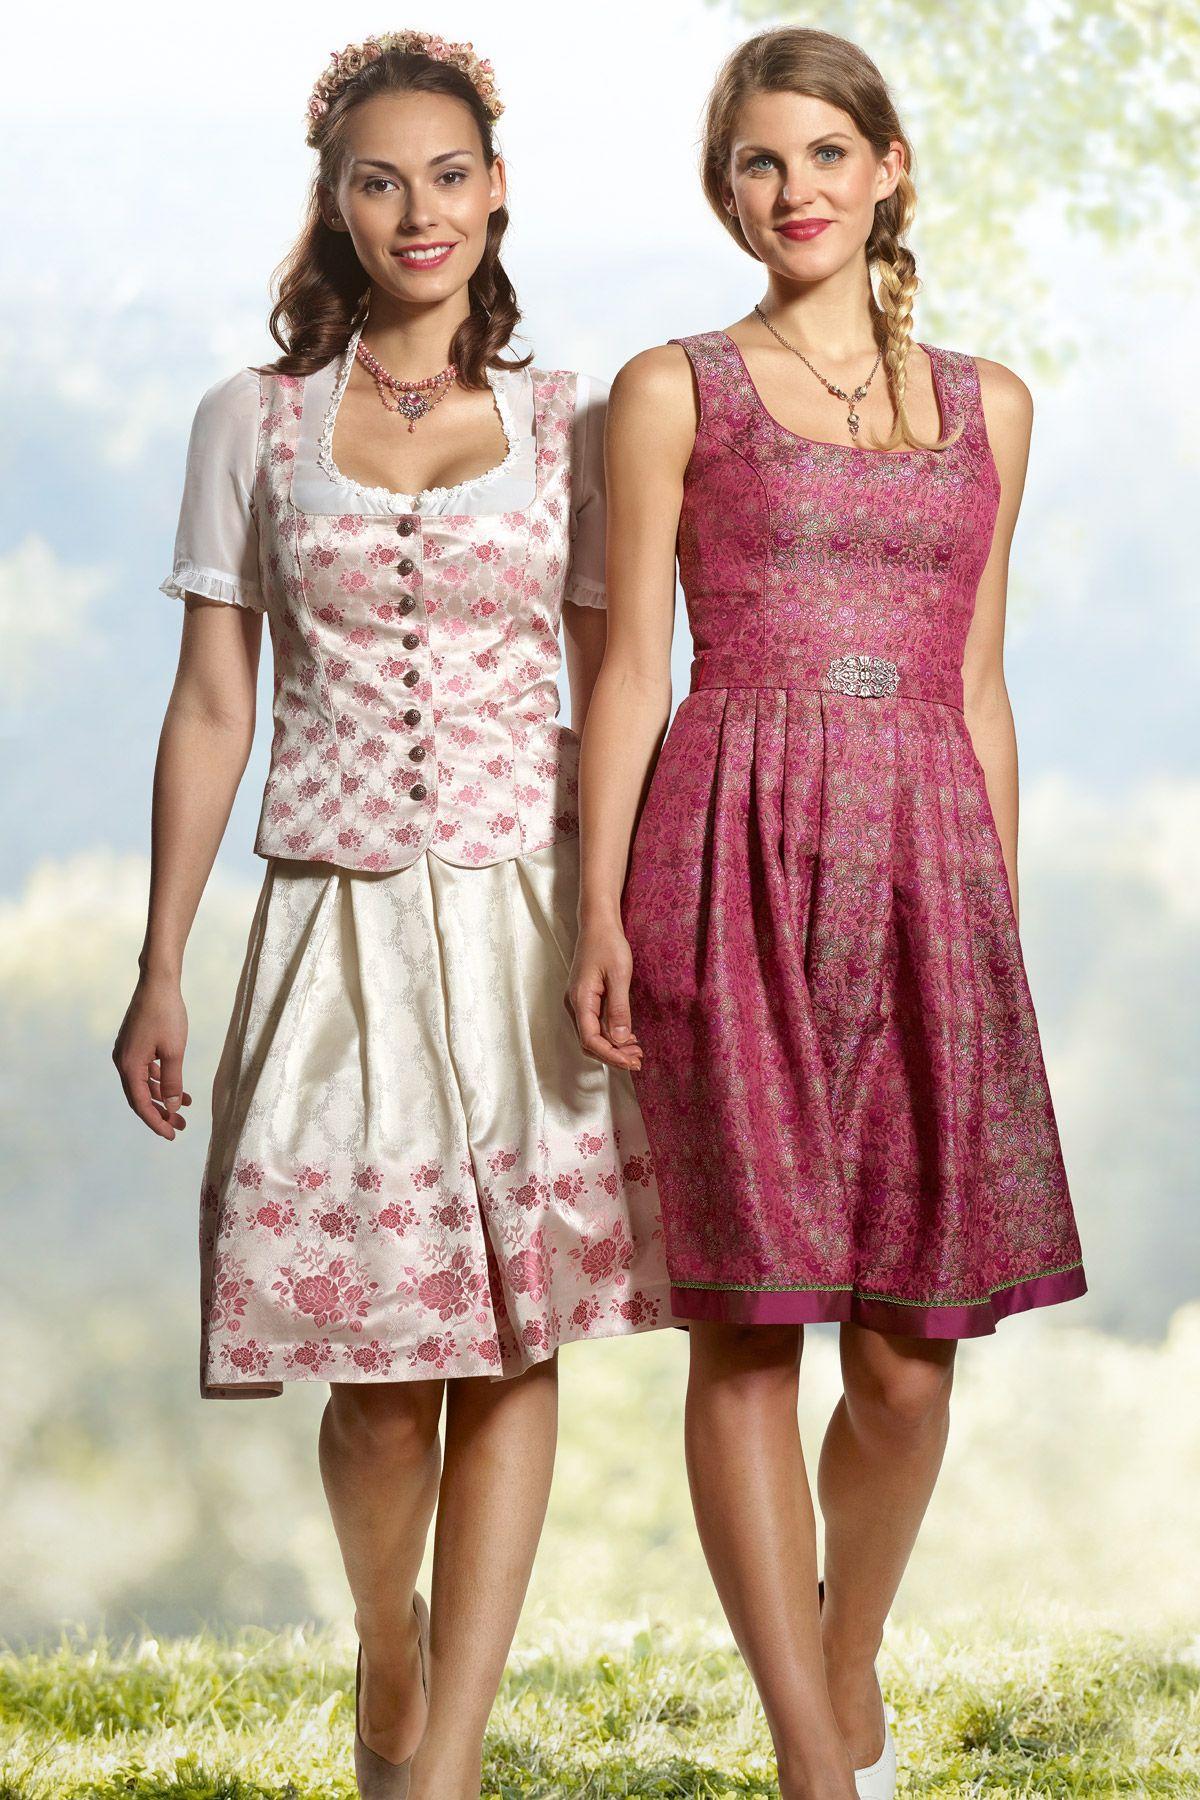 trachtenrock und corsage weiss-rosa mit blumenmuster